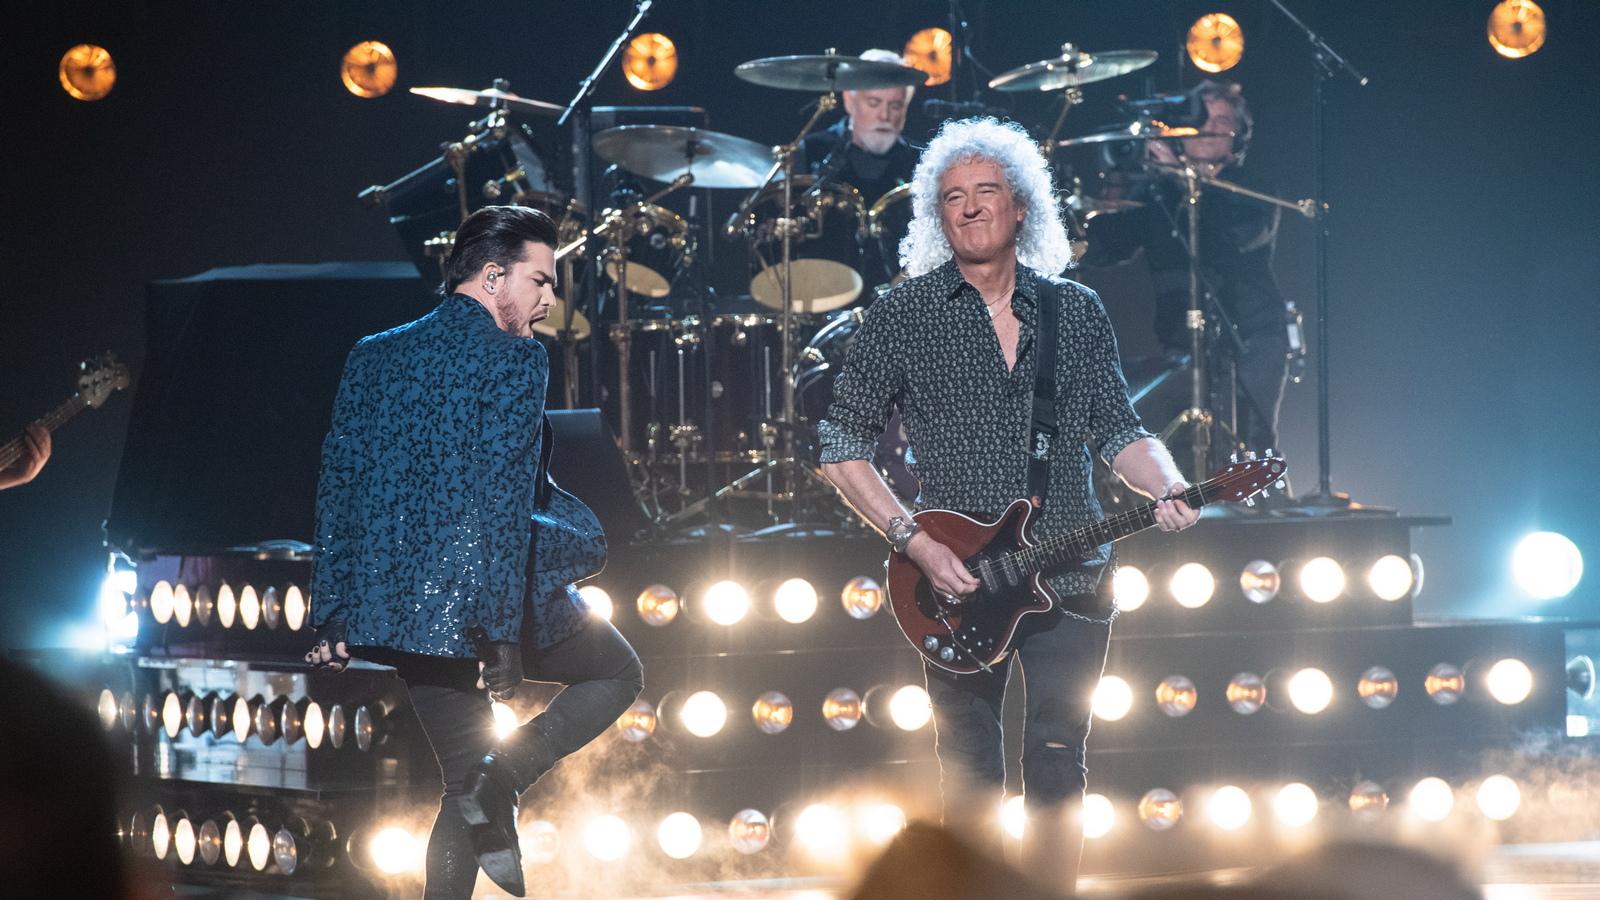 """Брайън Мей от """"Куин"""" и вокалистът Адам Ламбърт свириха на церемонията по връчването на наградите """"Оскар"""""""